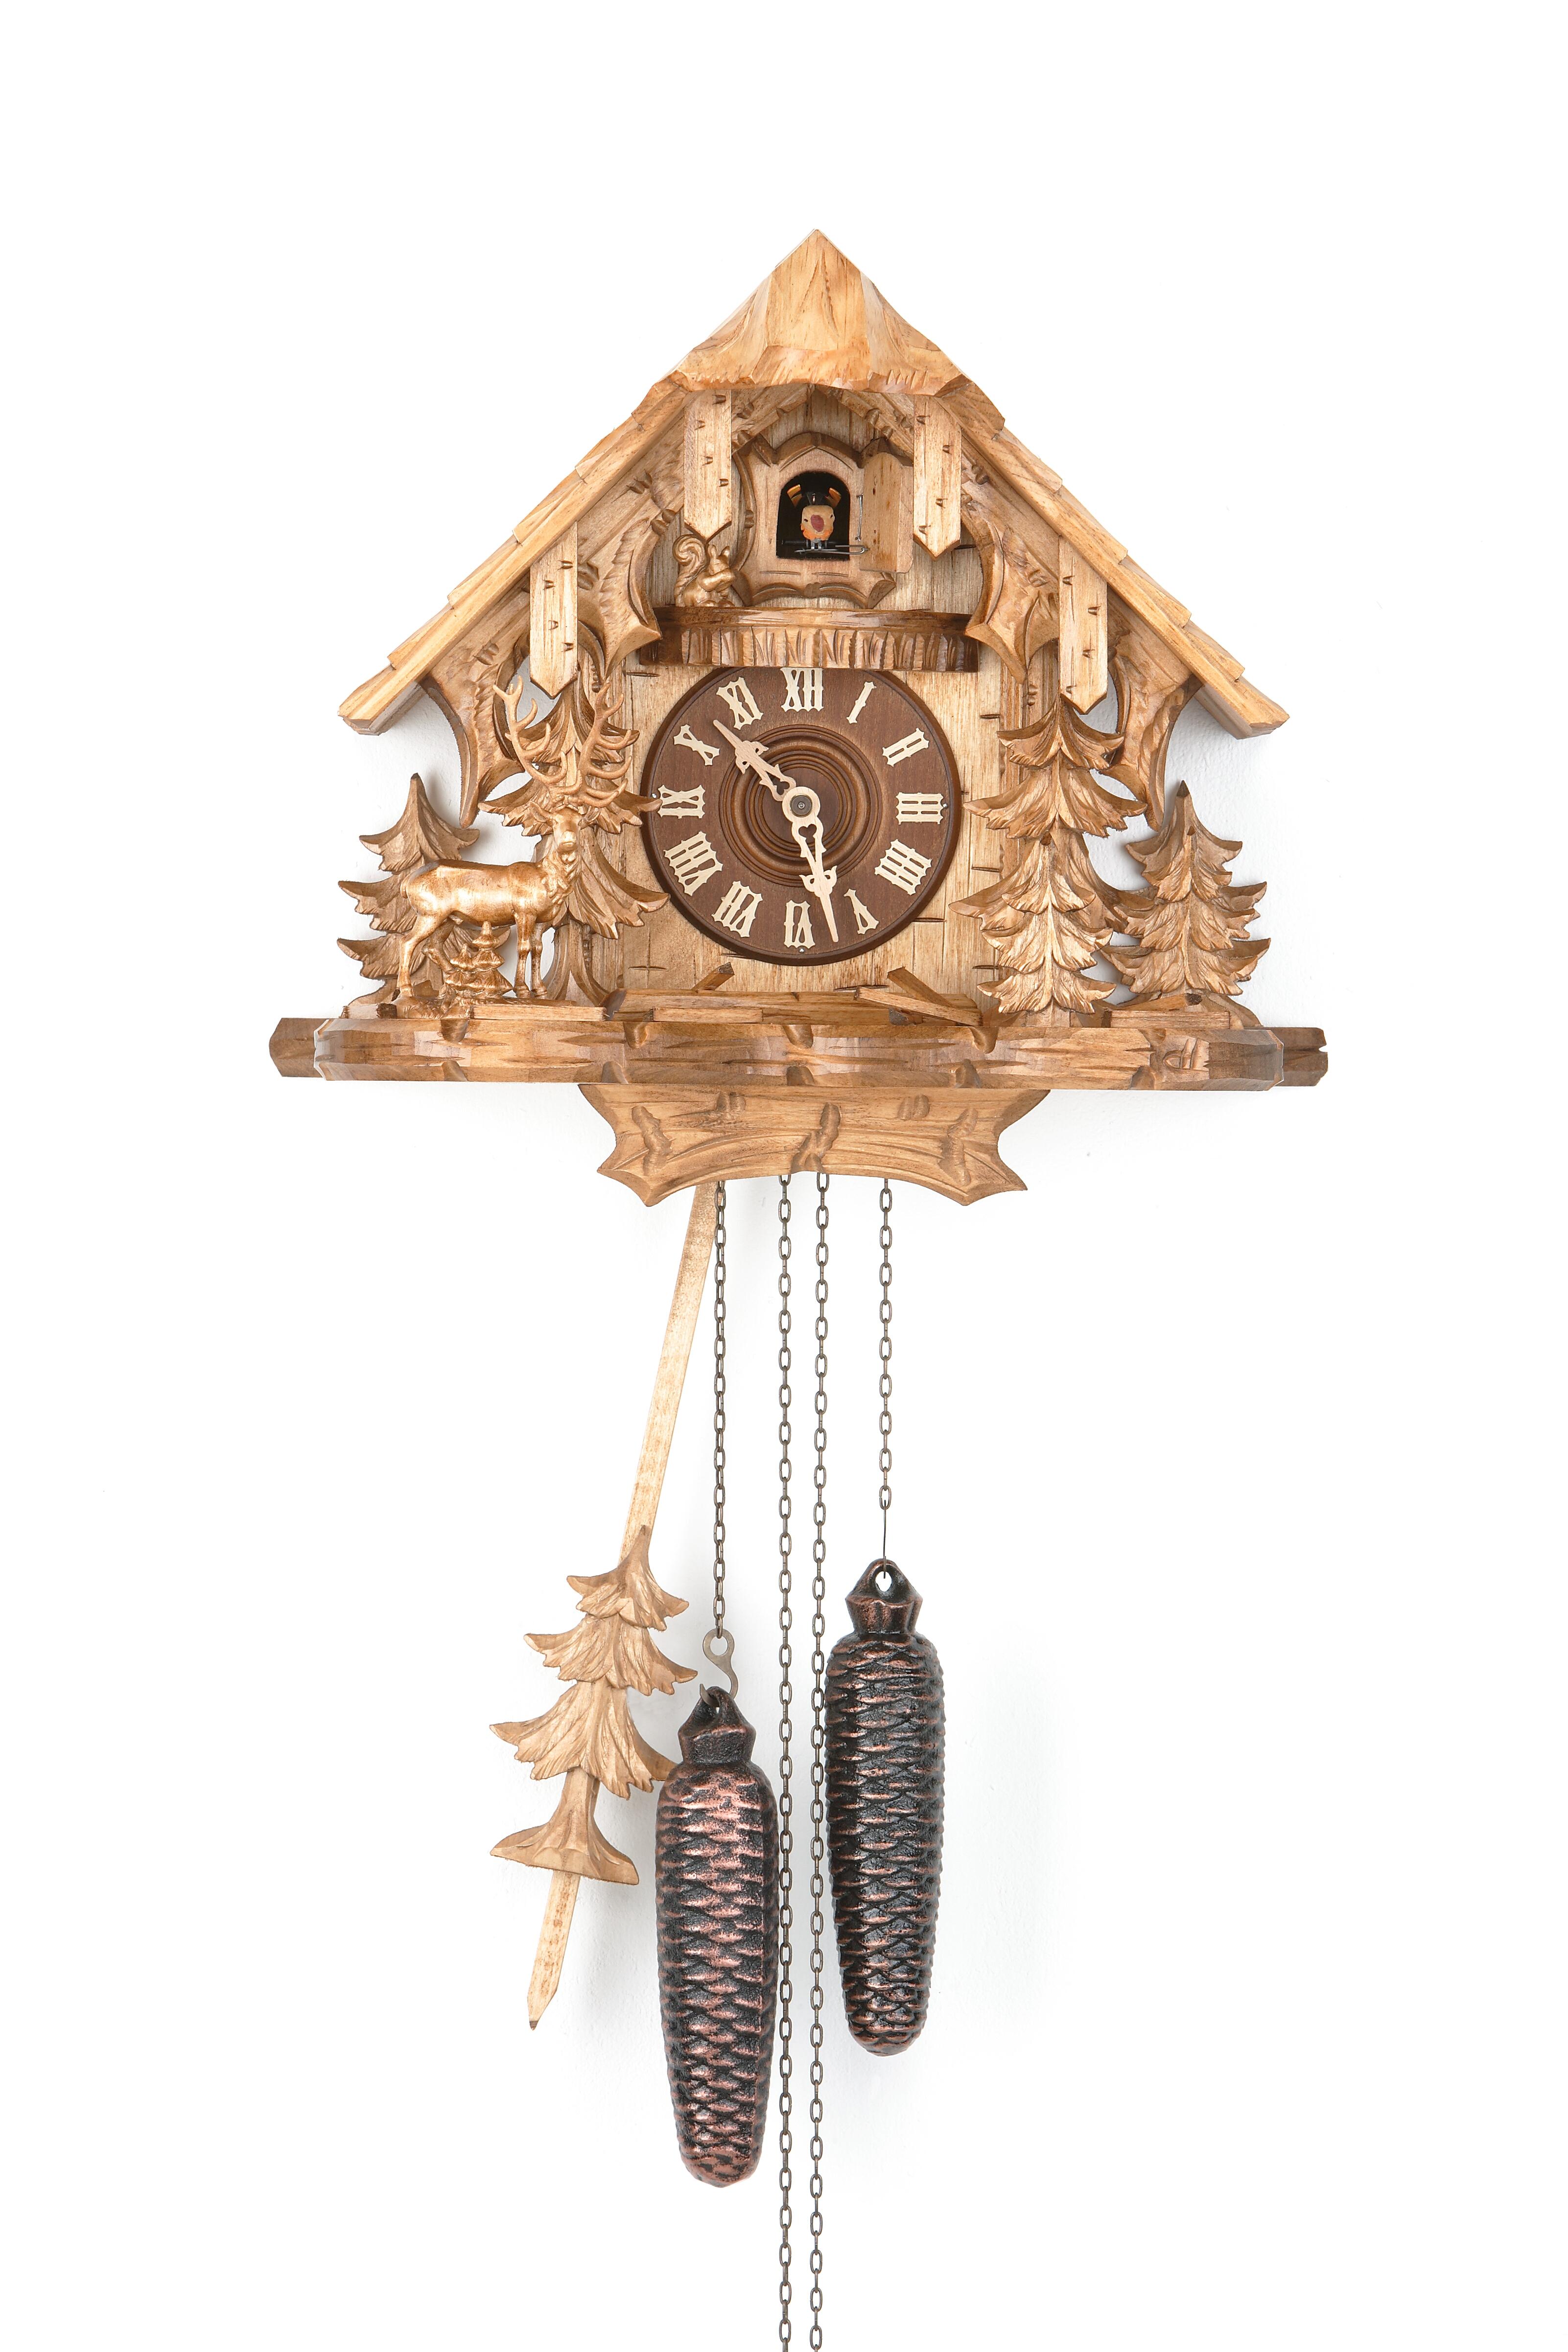 8 Tage Kuckucksuhr Schwarzwaldhaus mit Hirsch und Eichhörnchen